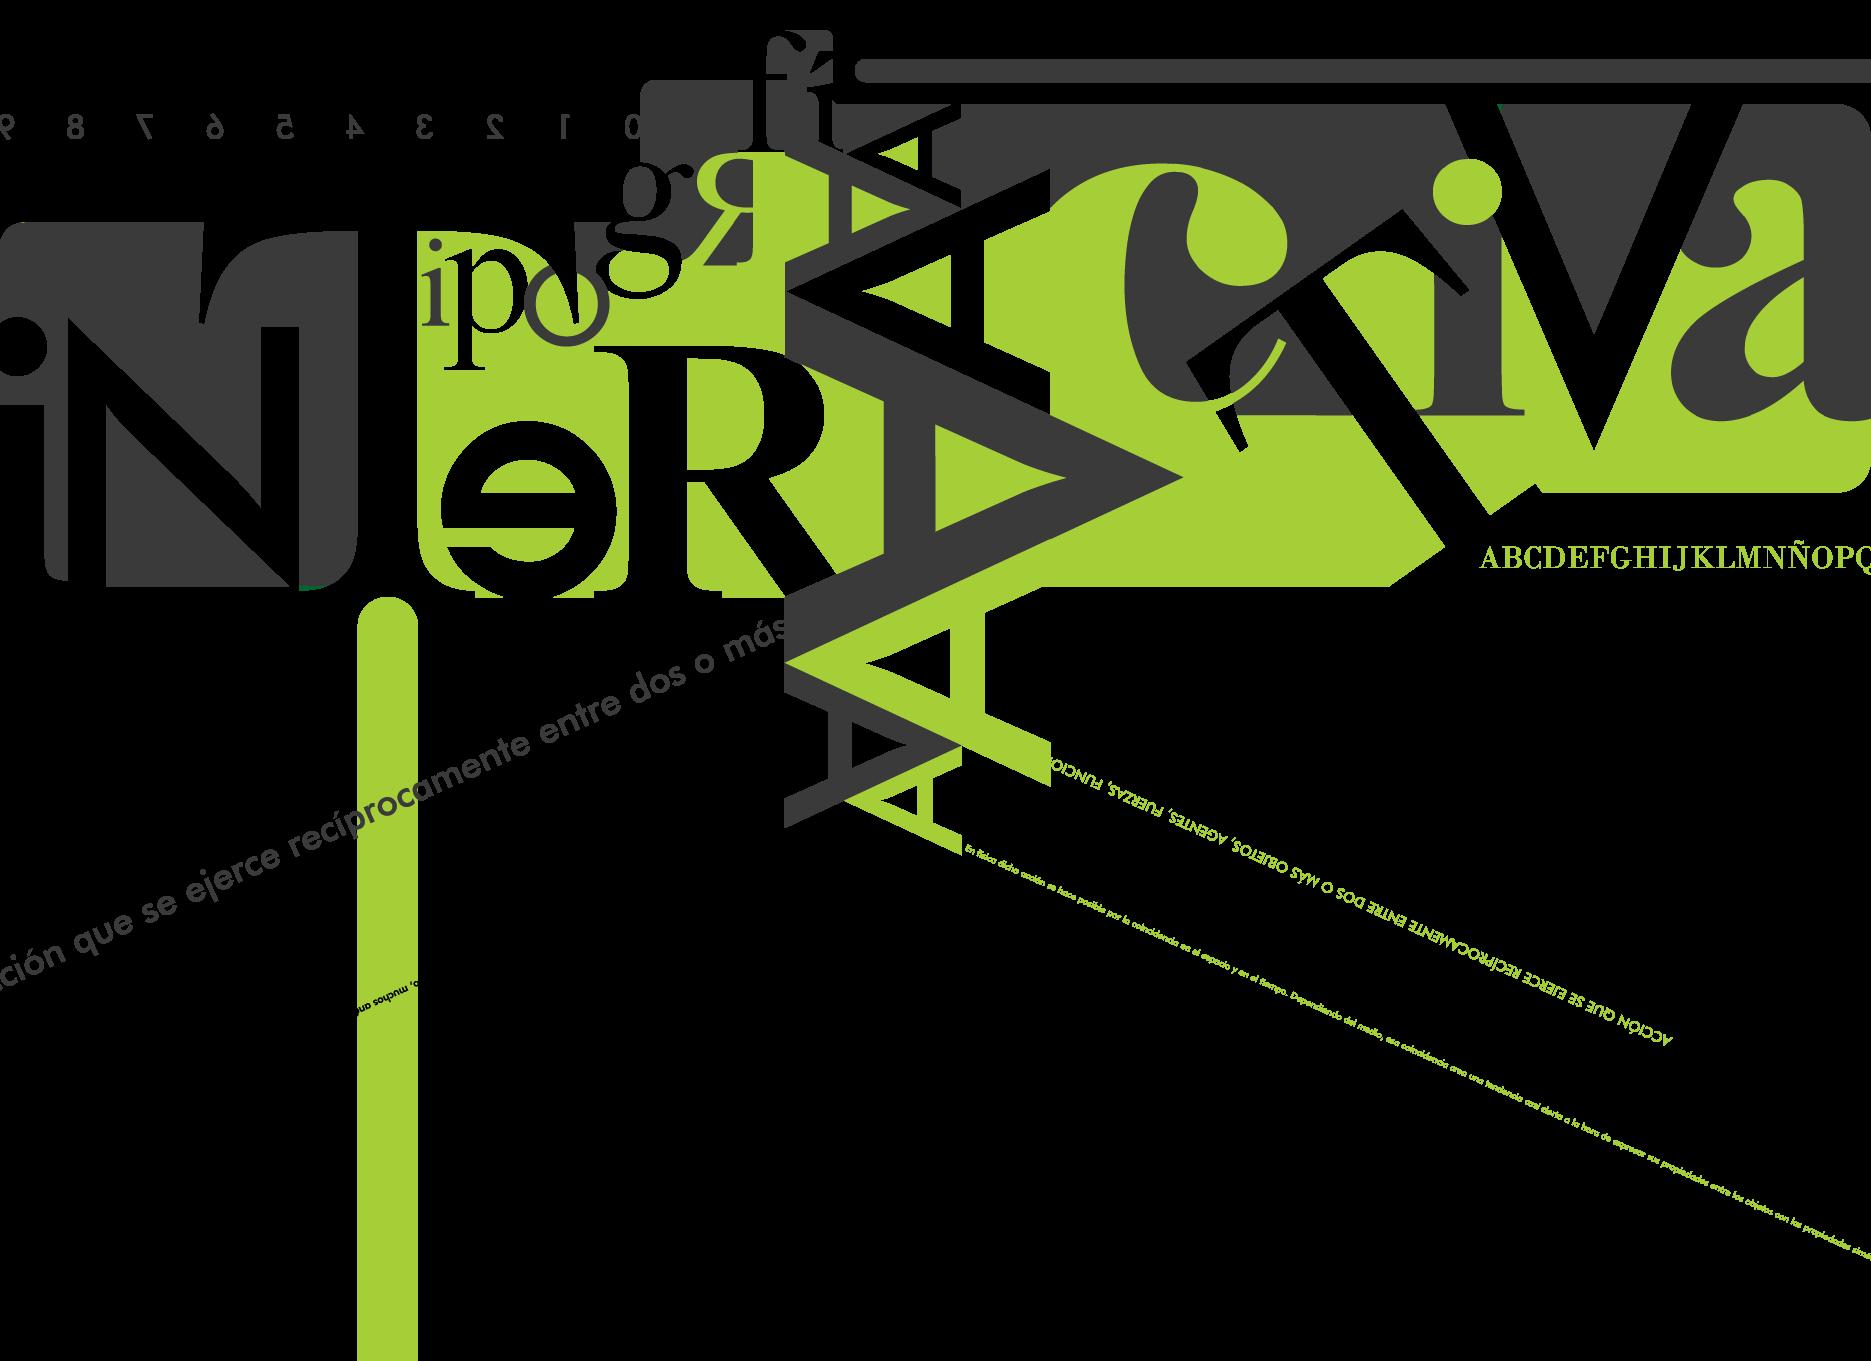 tipografica1